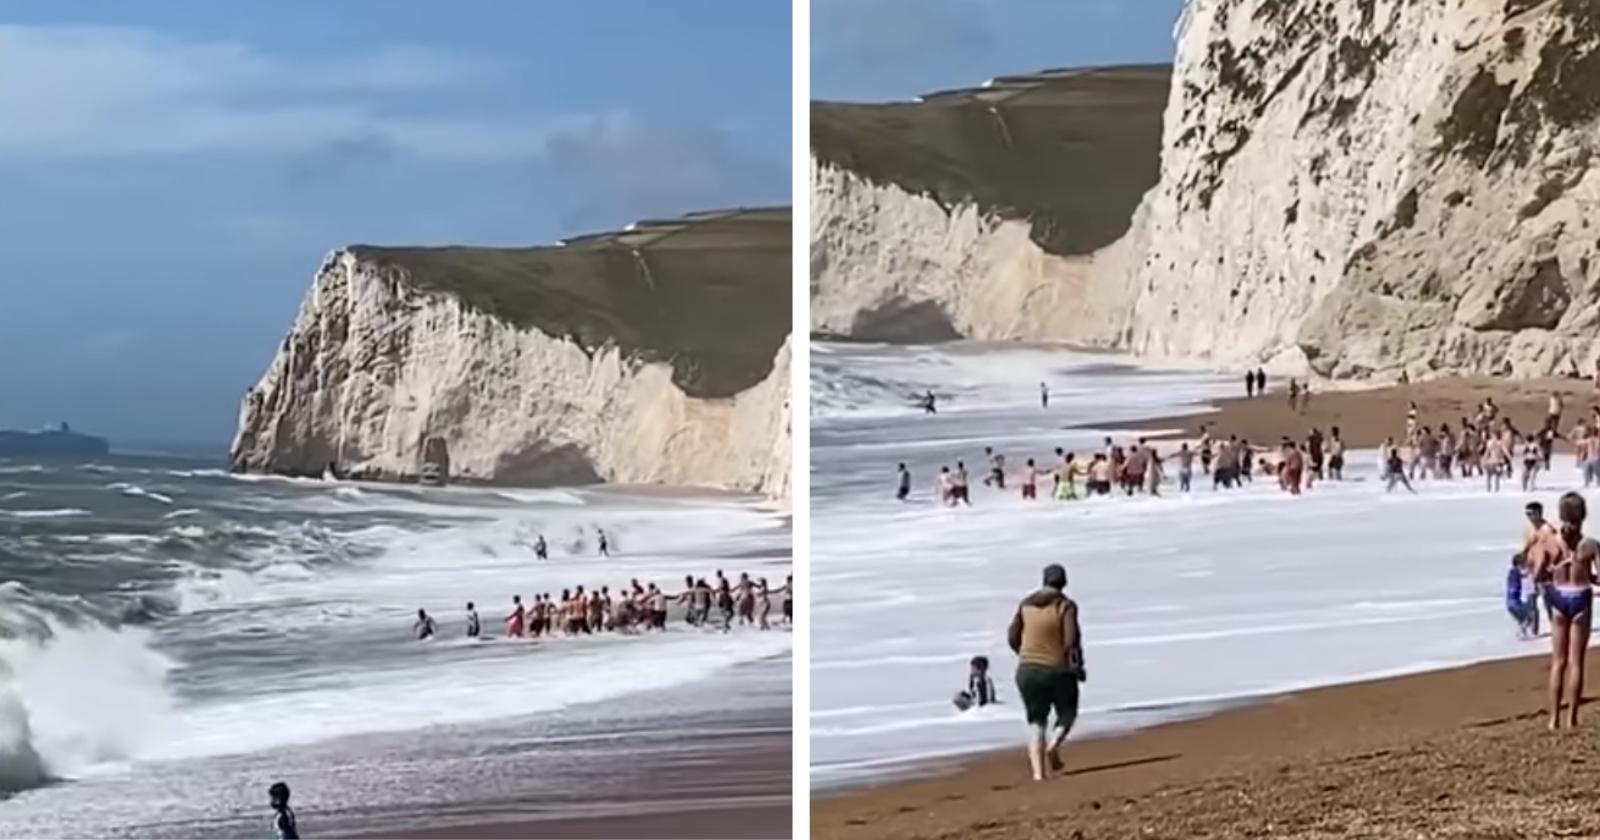 Trabalhando em equipe e de forma heróica, banhistas salvam homem que se afogava